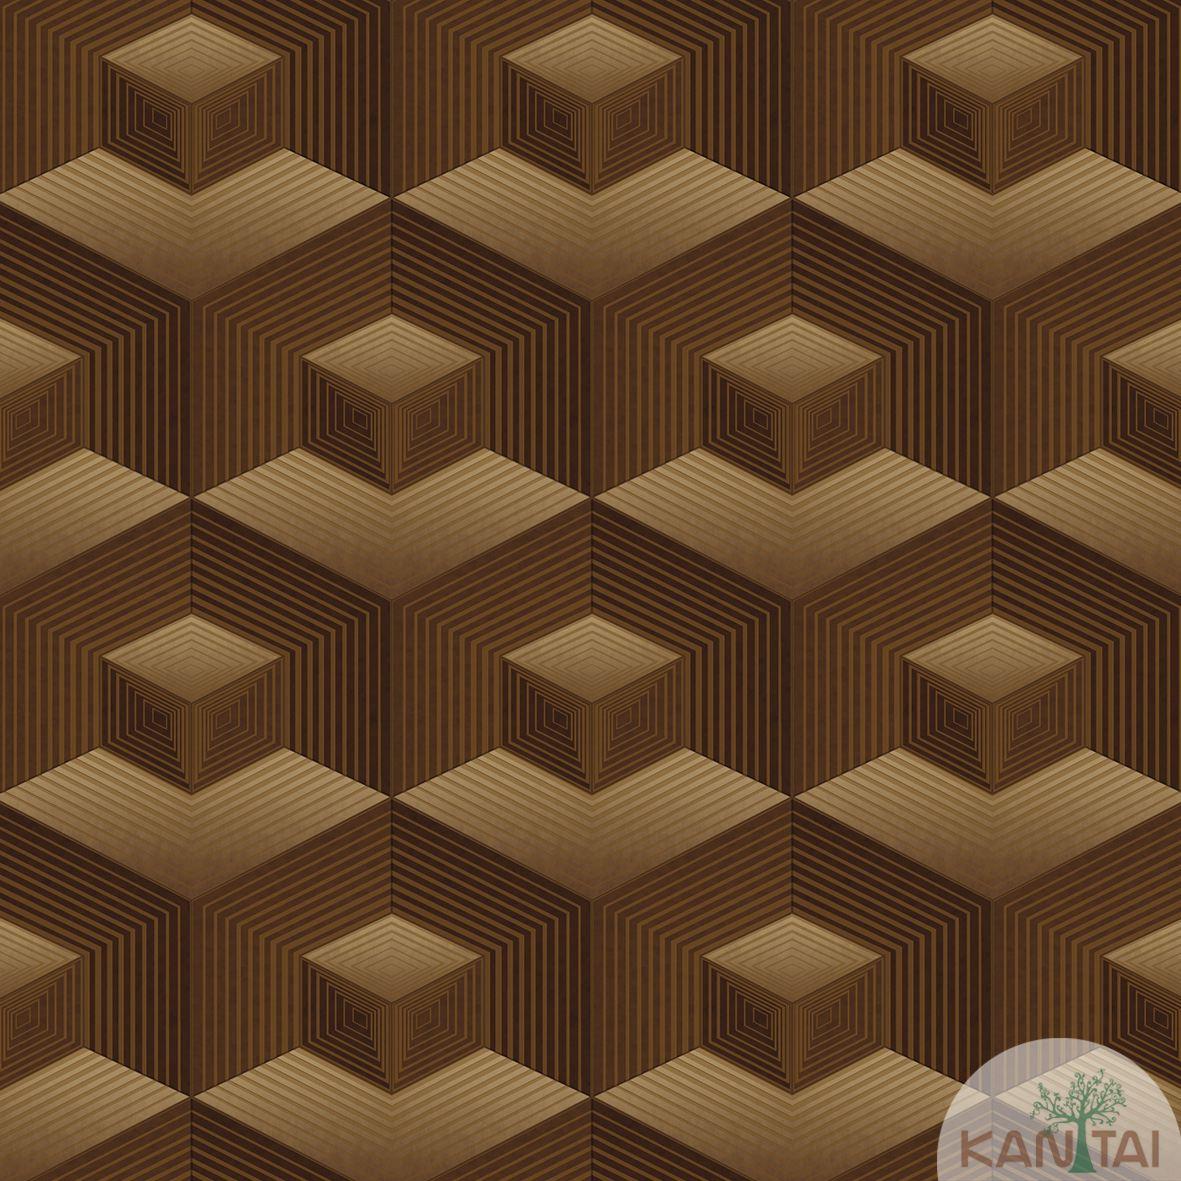 Papel de Parede   Kan Tai  Vinilico Coleção Neonature III Geométrico Tons Marrom